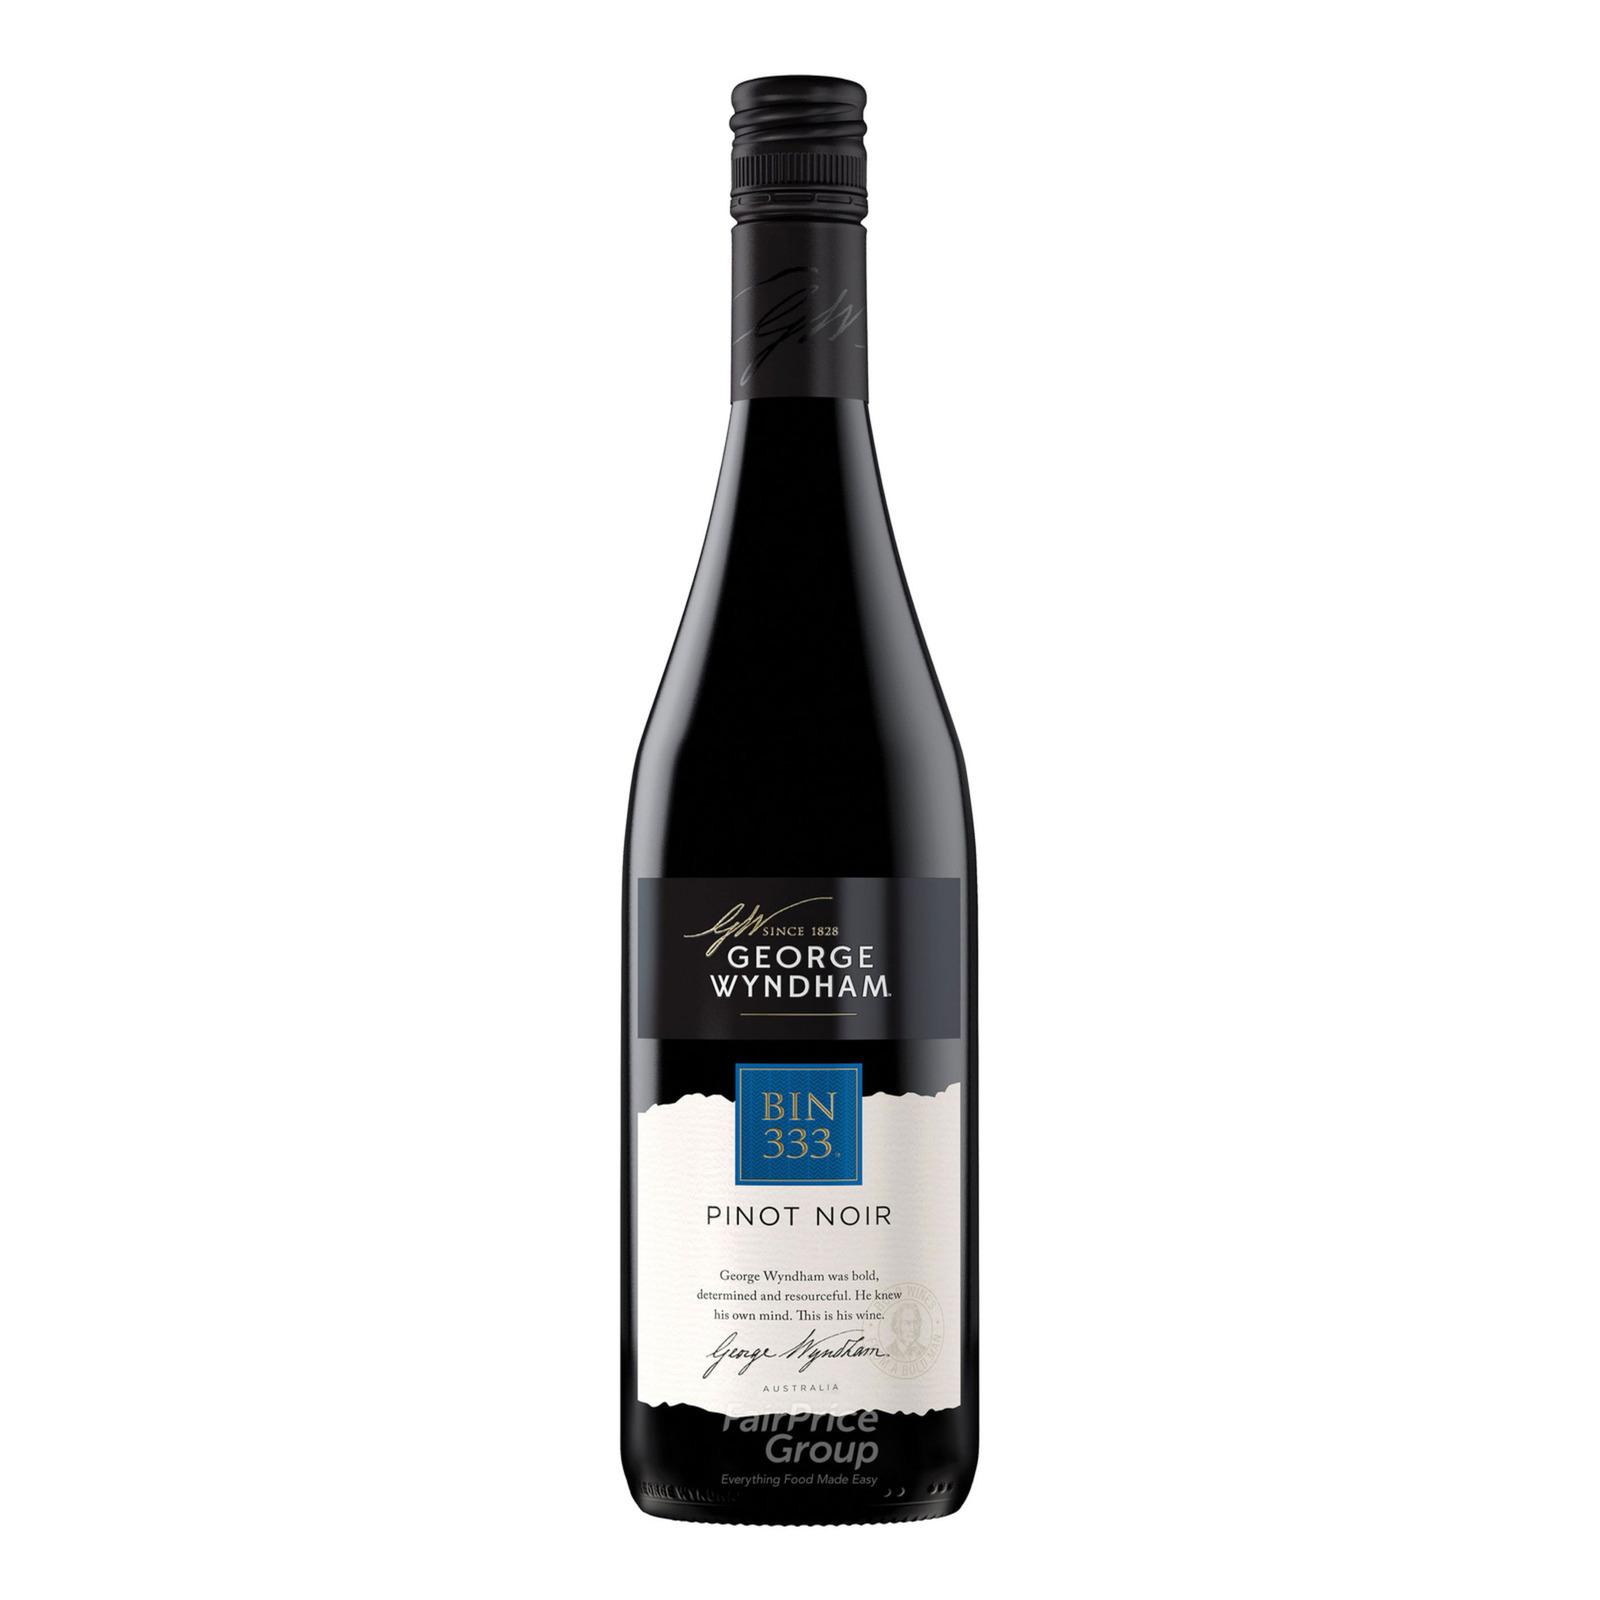 Wyndham Estate Red Wine - Bin 333 Pinot Noir